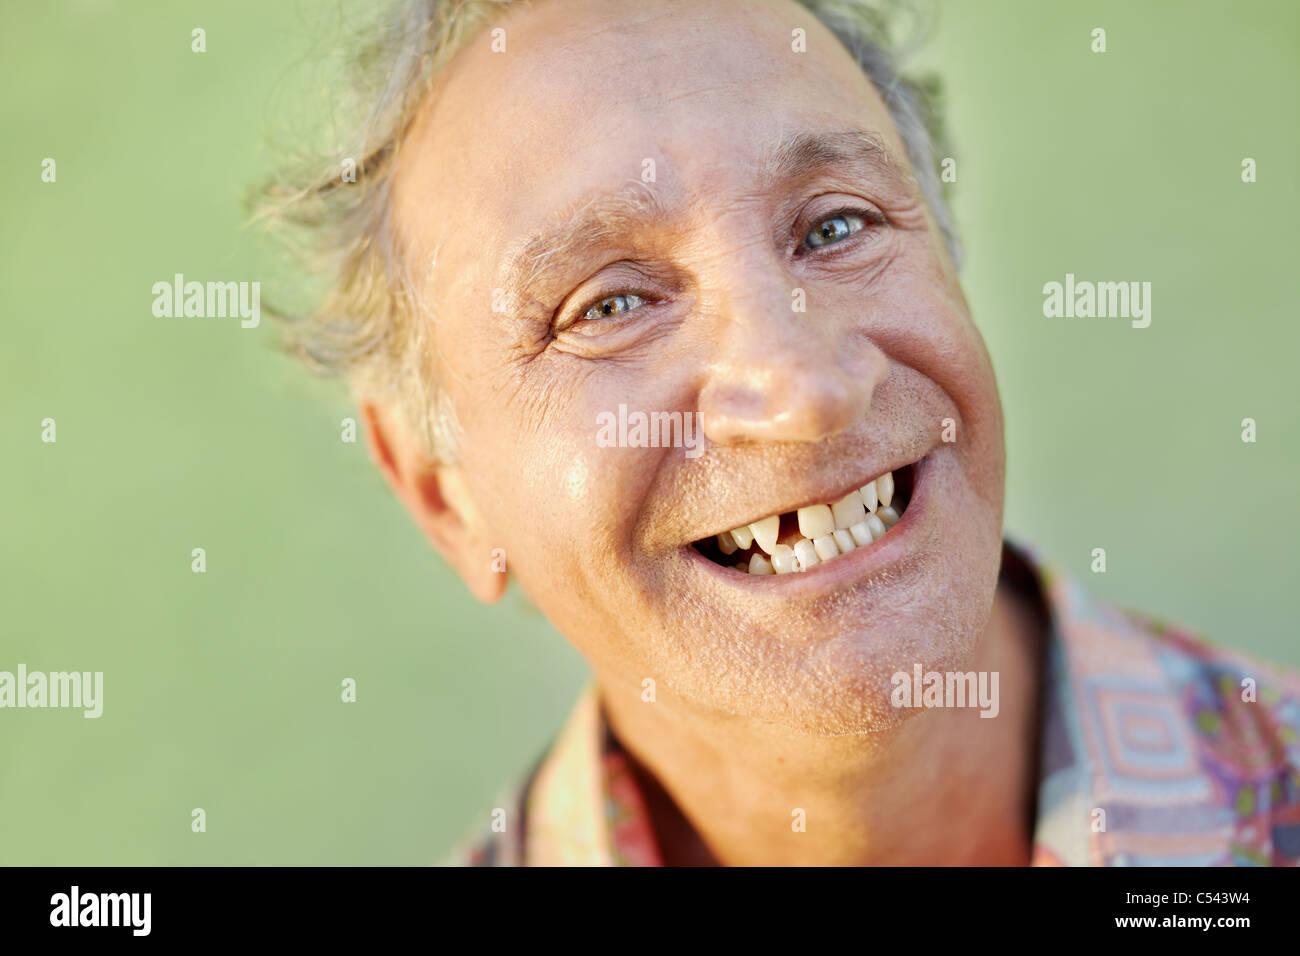 Ritratto di senior uomo caucasico con problemi dentali che mostra dente mancante e sorridente. Sagoma orizzontale, Immagini Stock